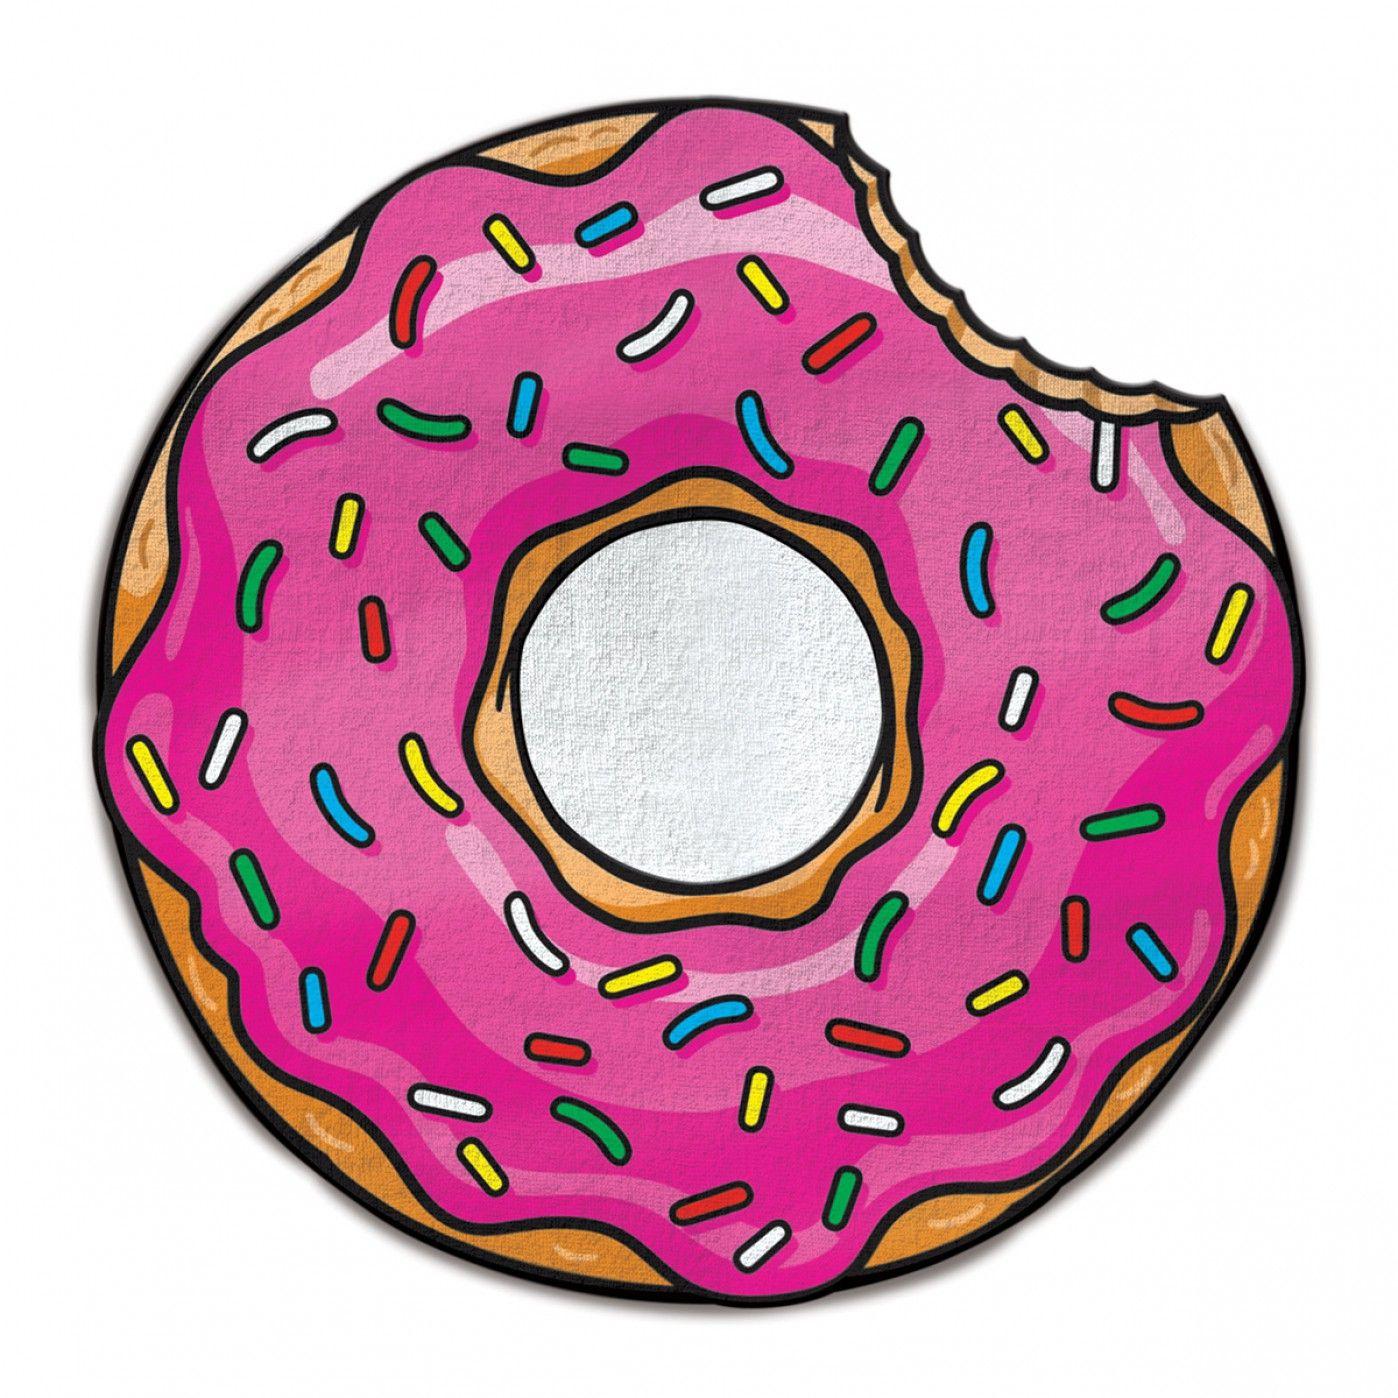 Donut badhanddoek  Tekenen  Slaapkamer tekenen